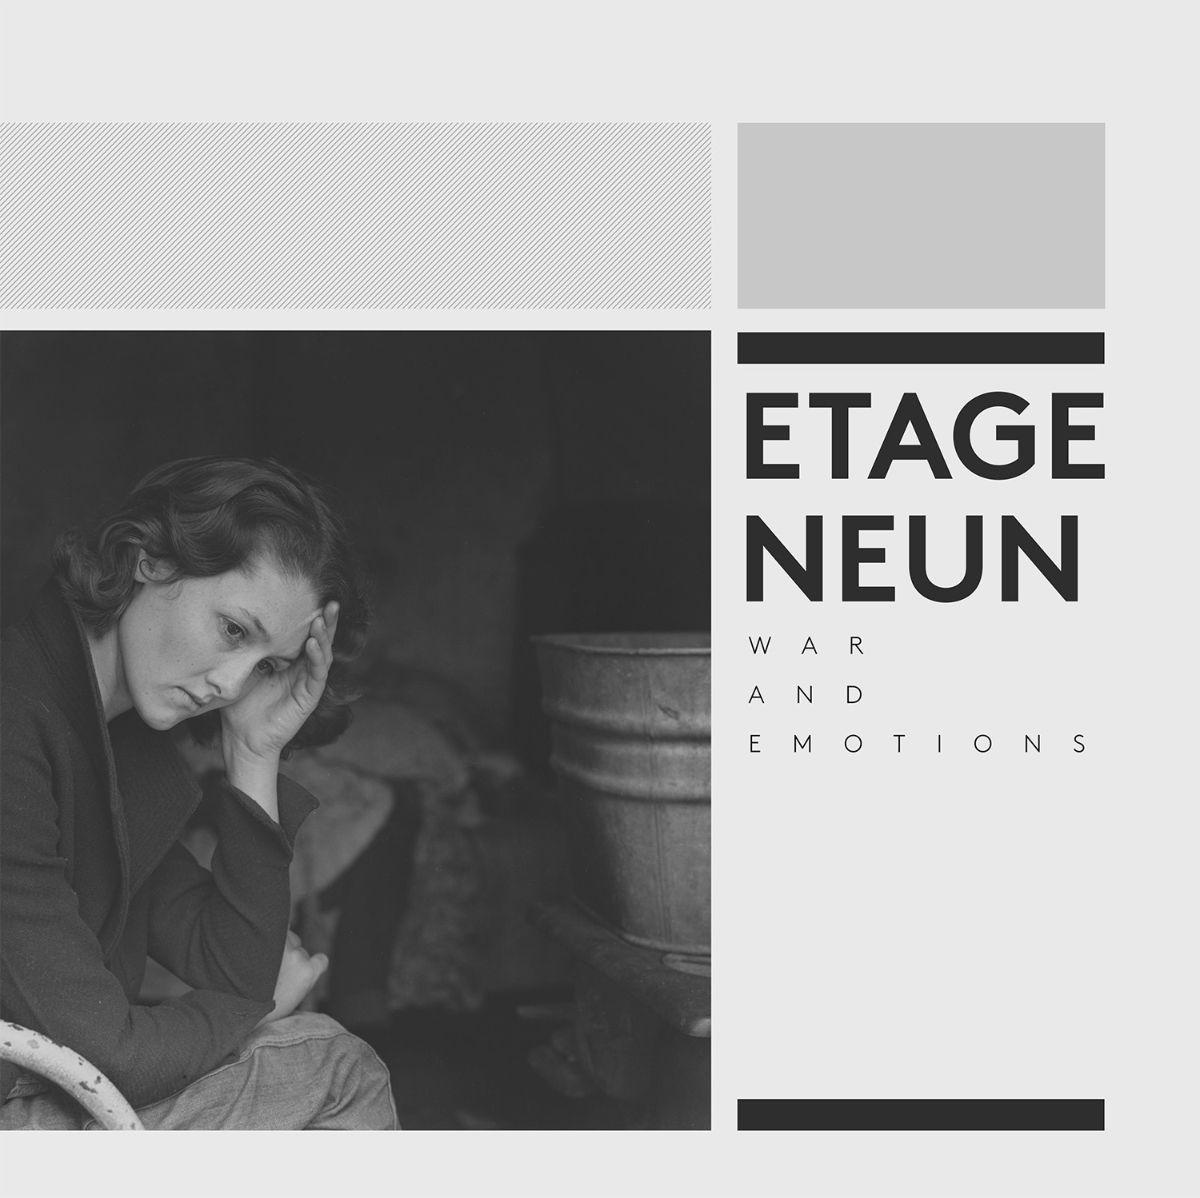 Etage Neun - War And Emotions